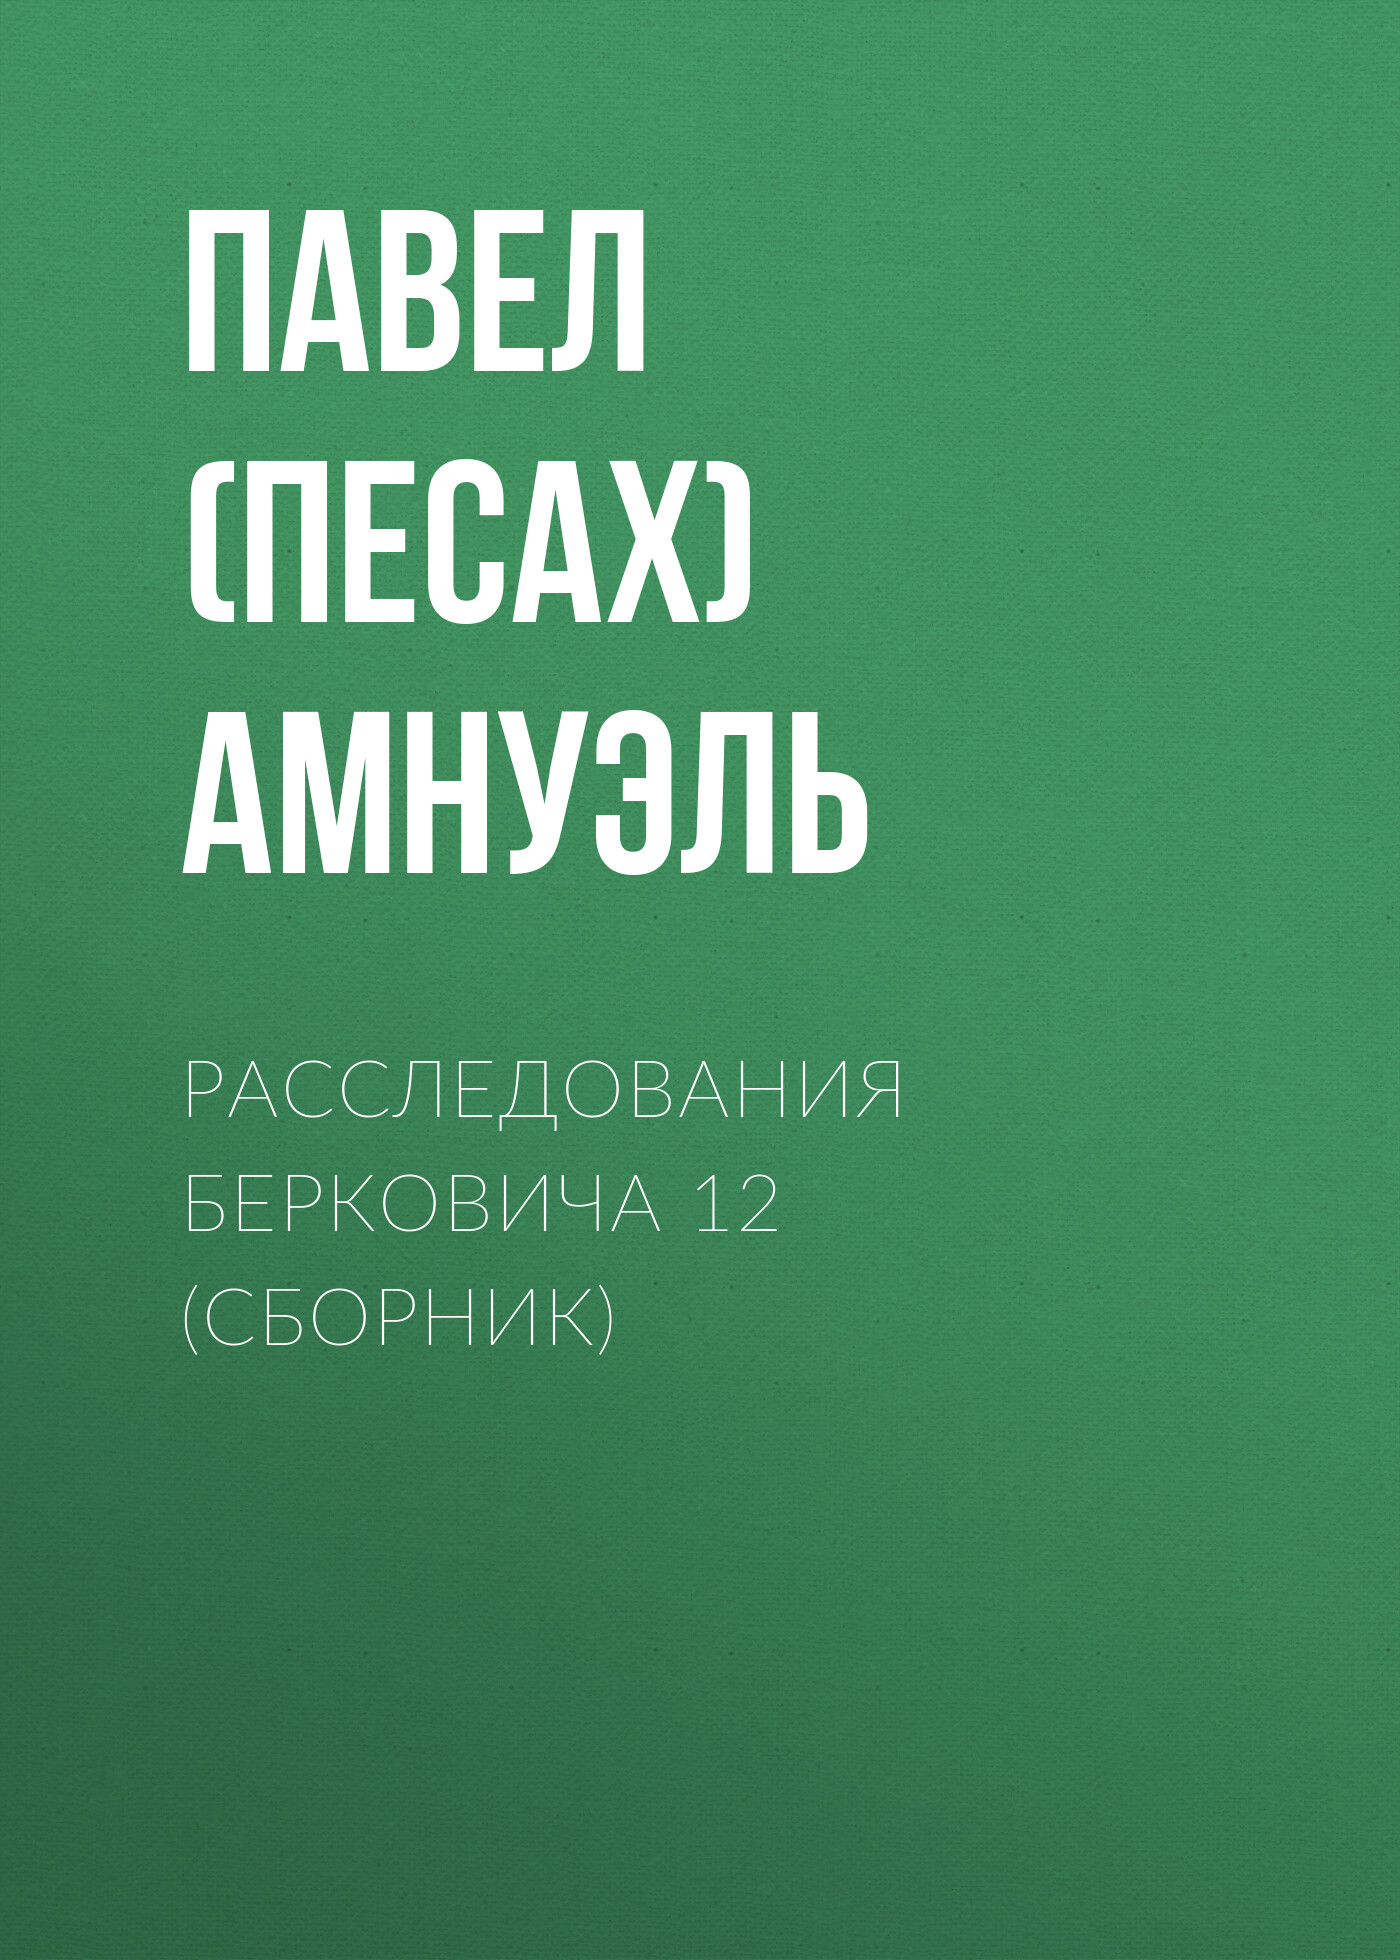 rassledovaniya berkovicha 12 sbornik